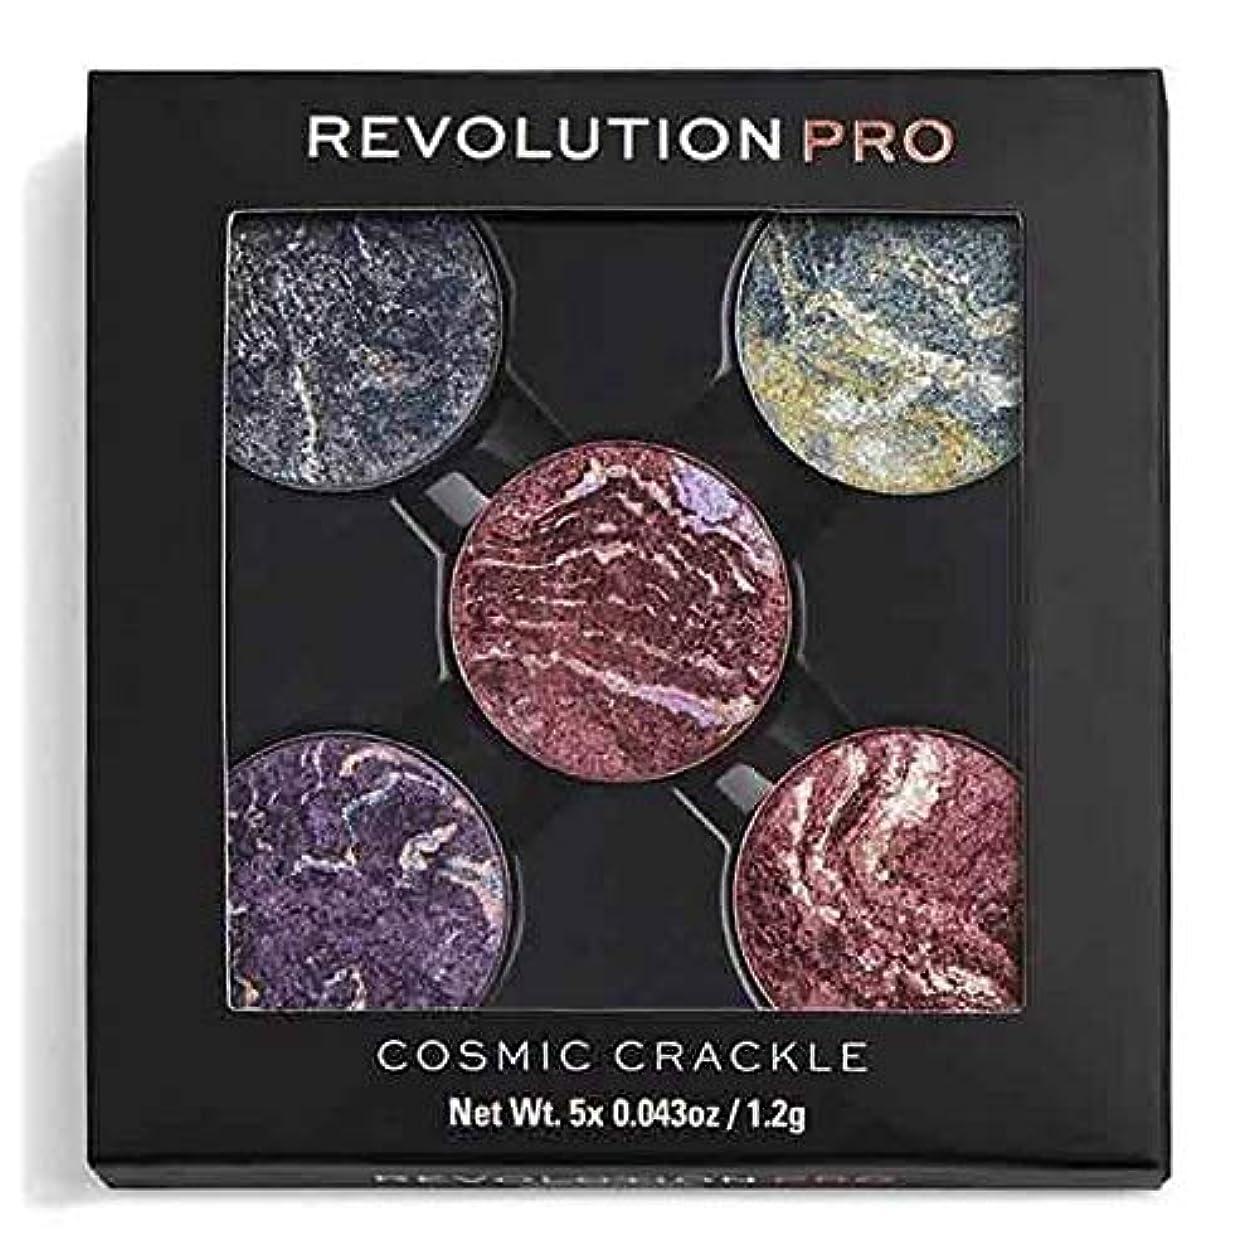 失効バット方程式[Revolution ] 革命プロリフィルアイシャドウは、宇宙クラックルをパック - Revolution Pro Refill Eyeshadow Pack Cosmic Crackle [並行輸入品]